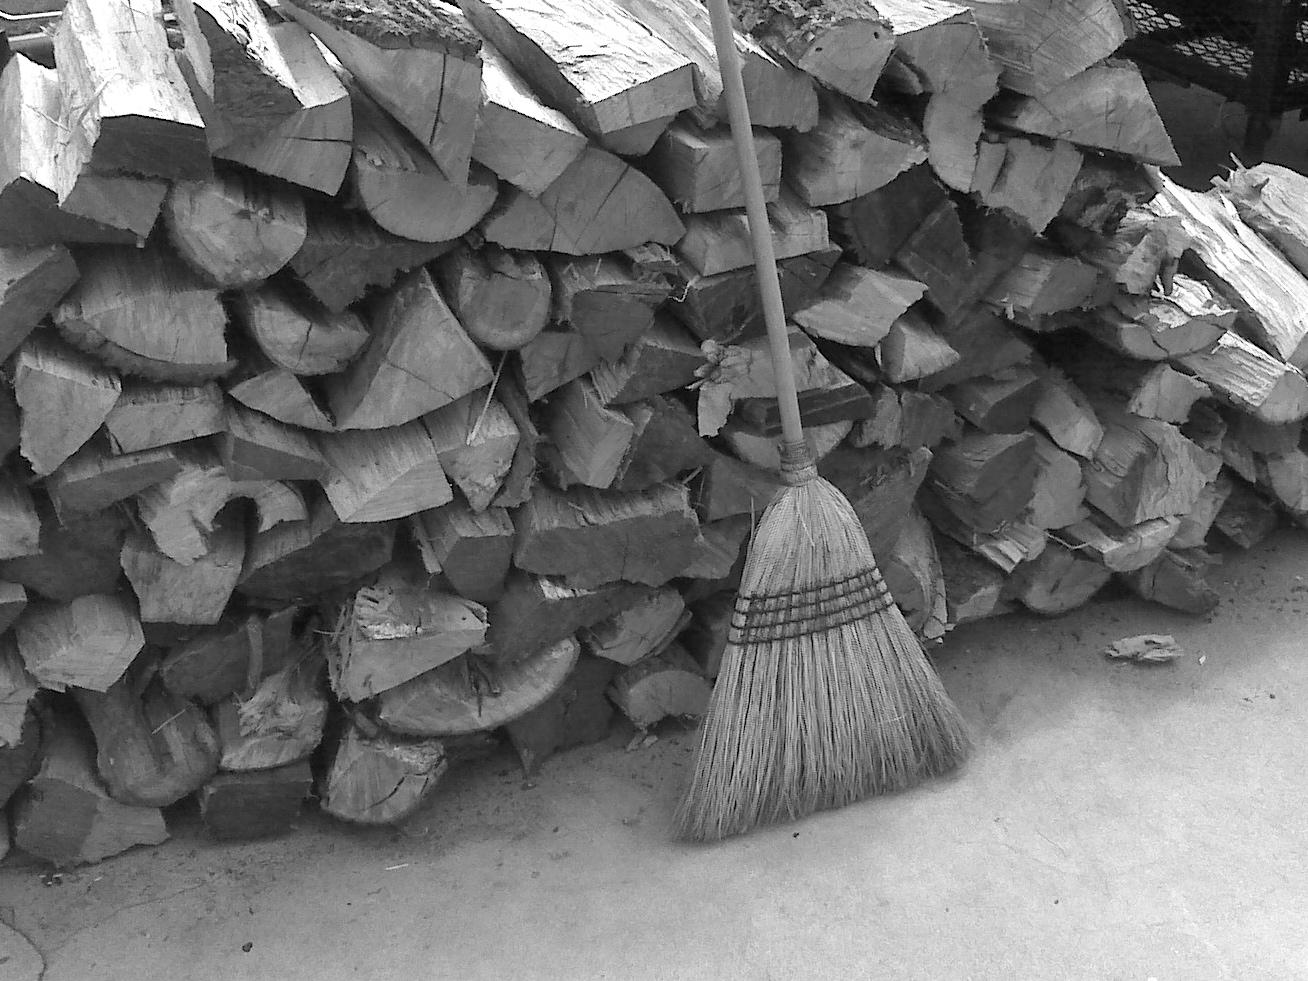 Pile of Pecan